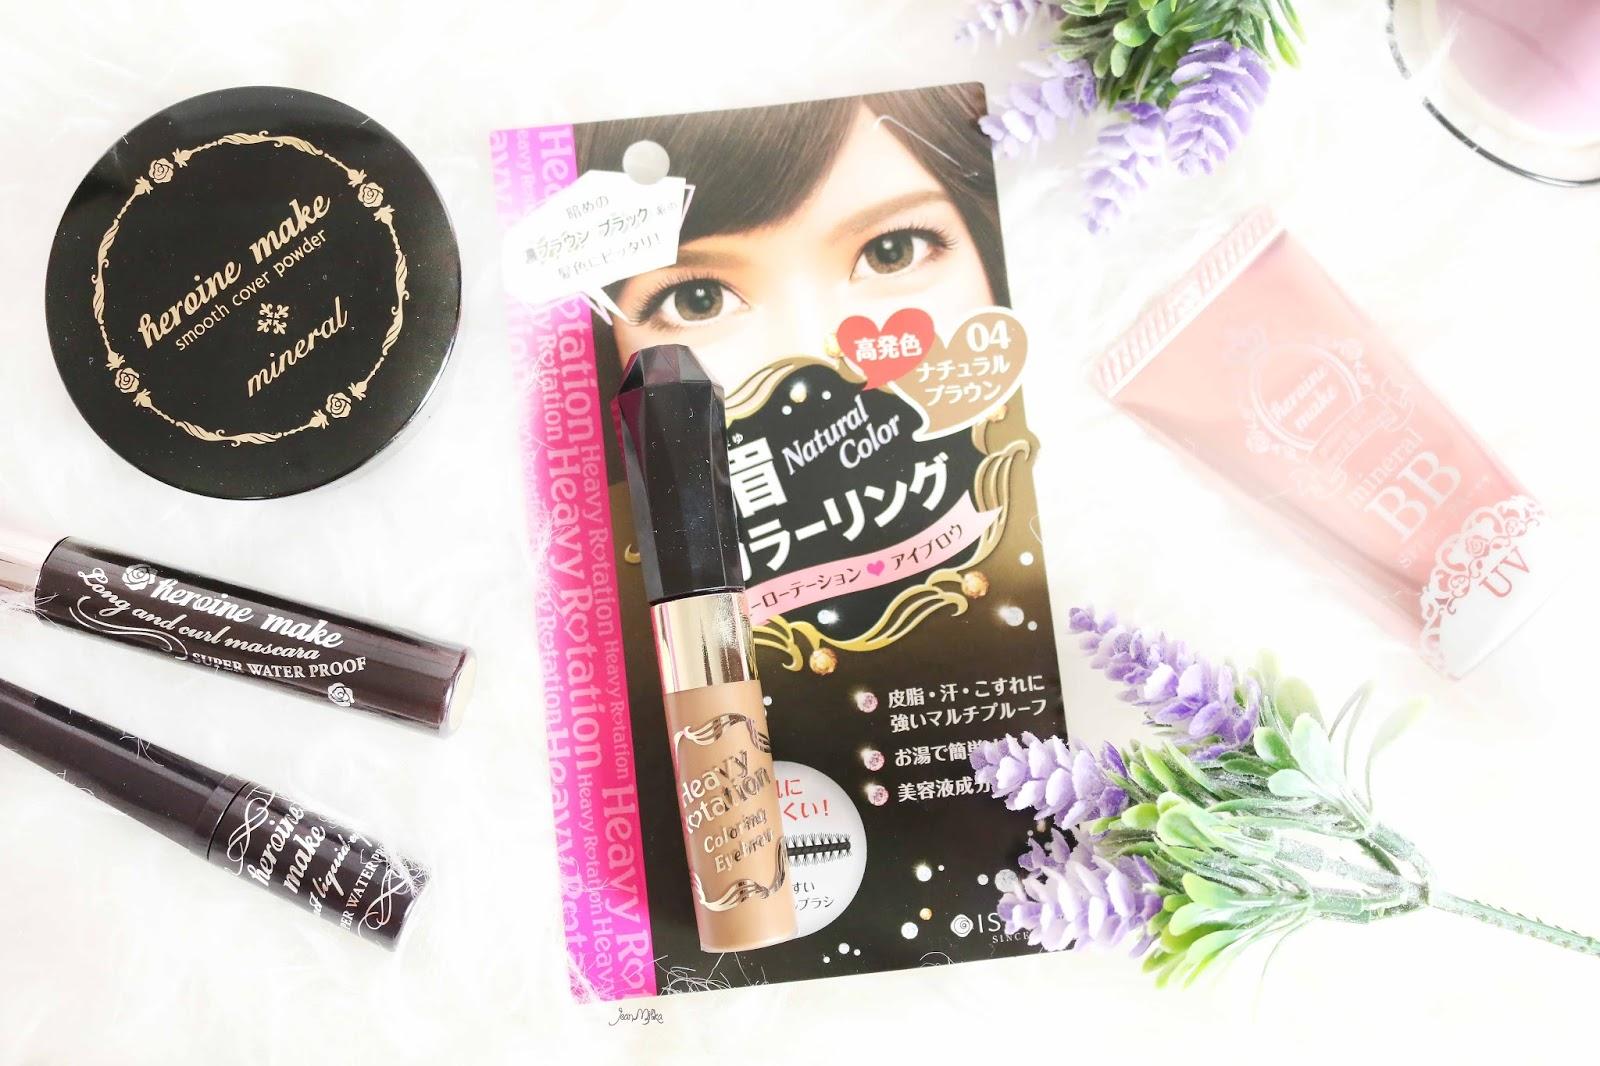 makeup, drugstore, makeup murah, review, beauty, beauty blog indonesia, makeup pemula, makeup untuk pemula, makeup murah indo, heavy rotation, coloring eyebrow